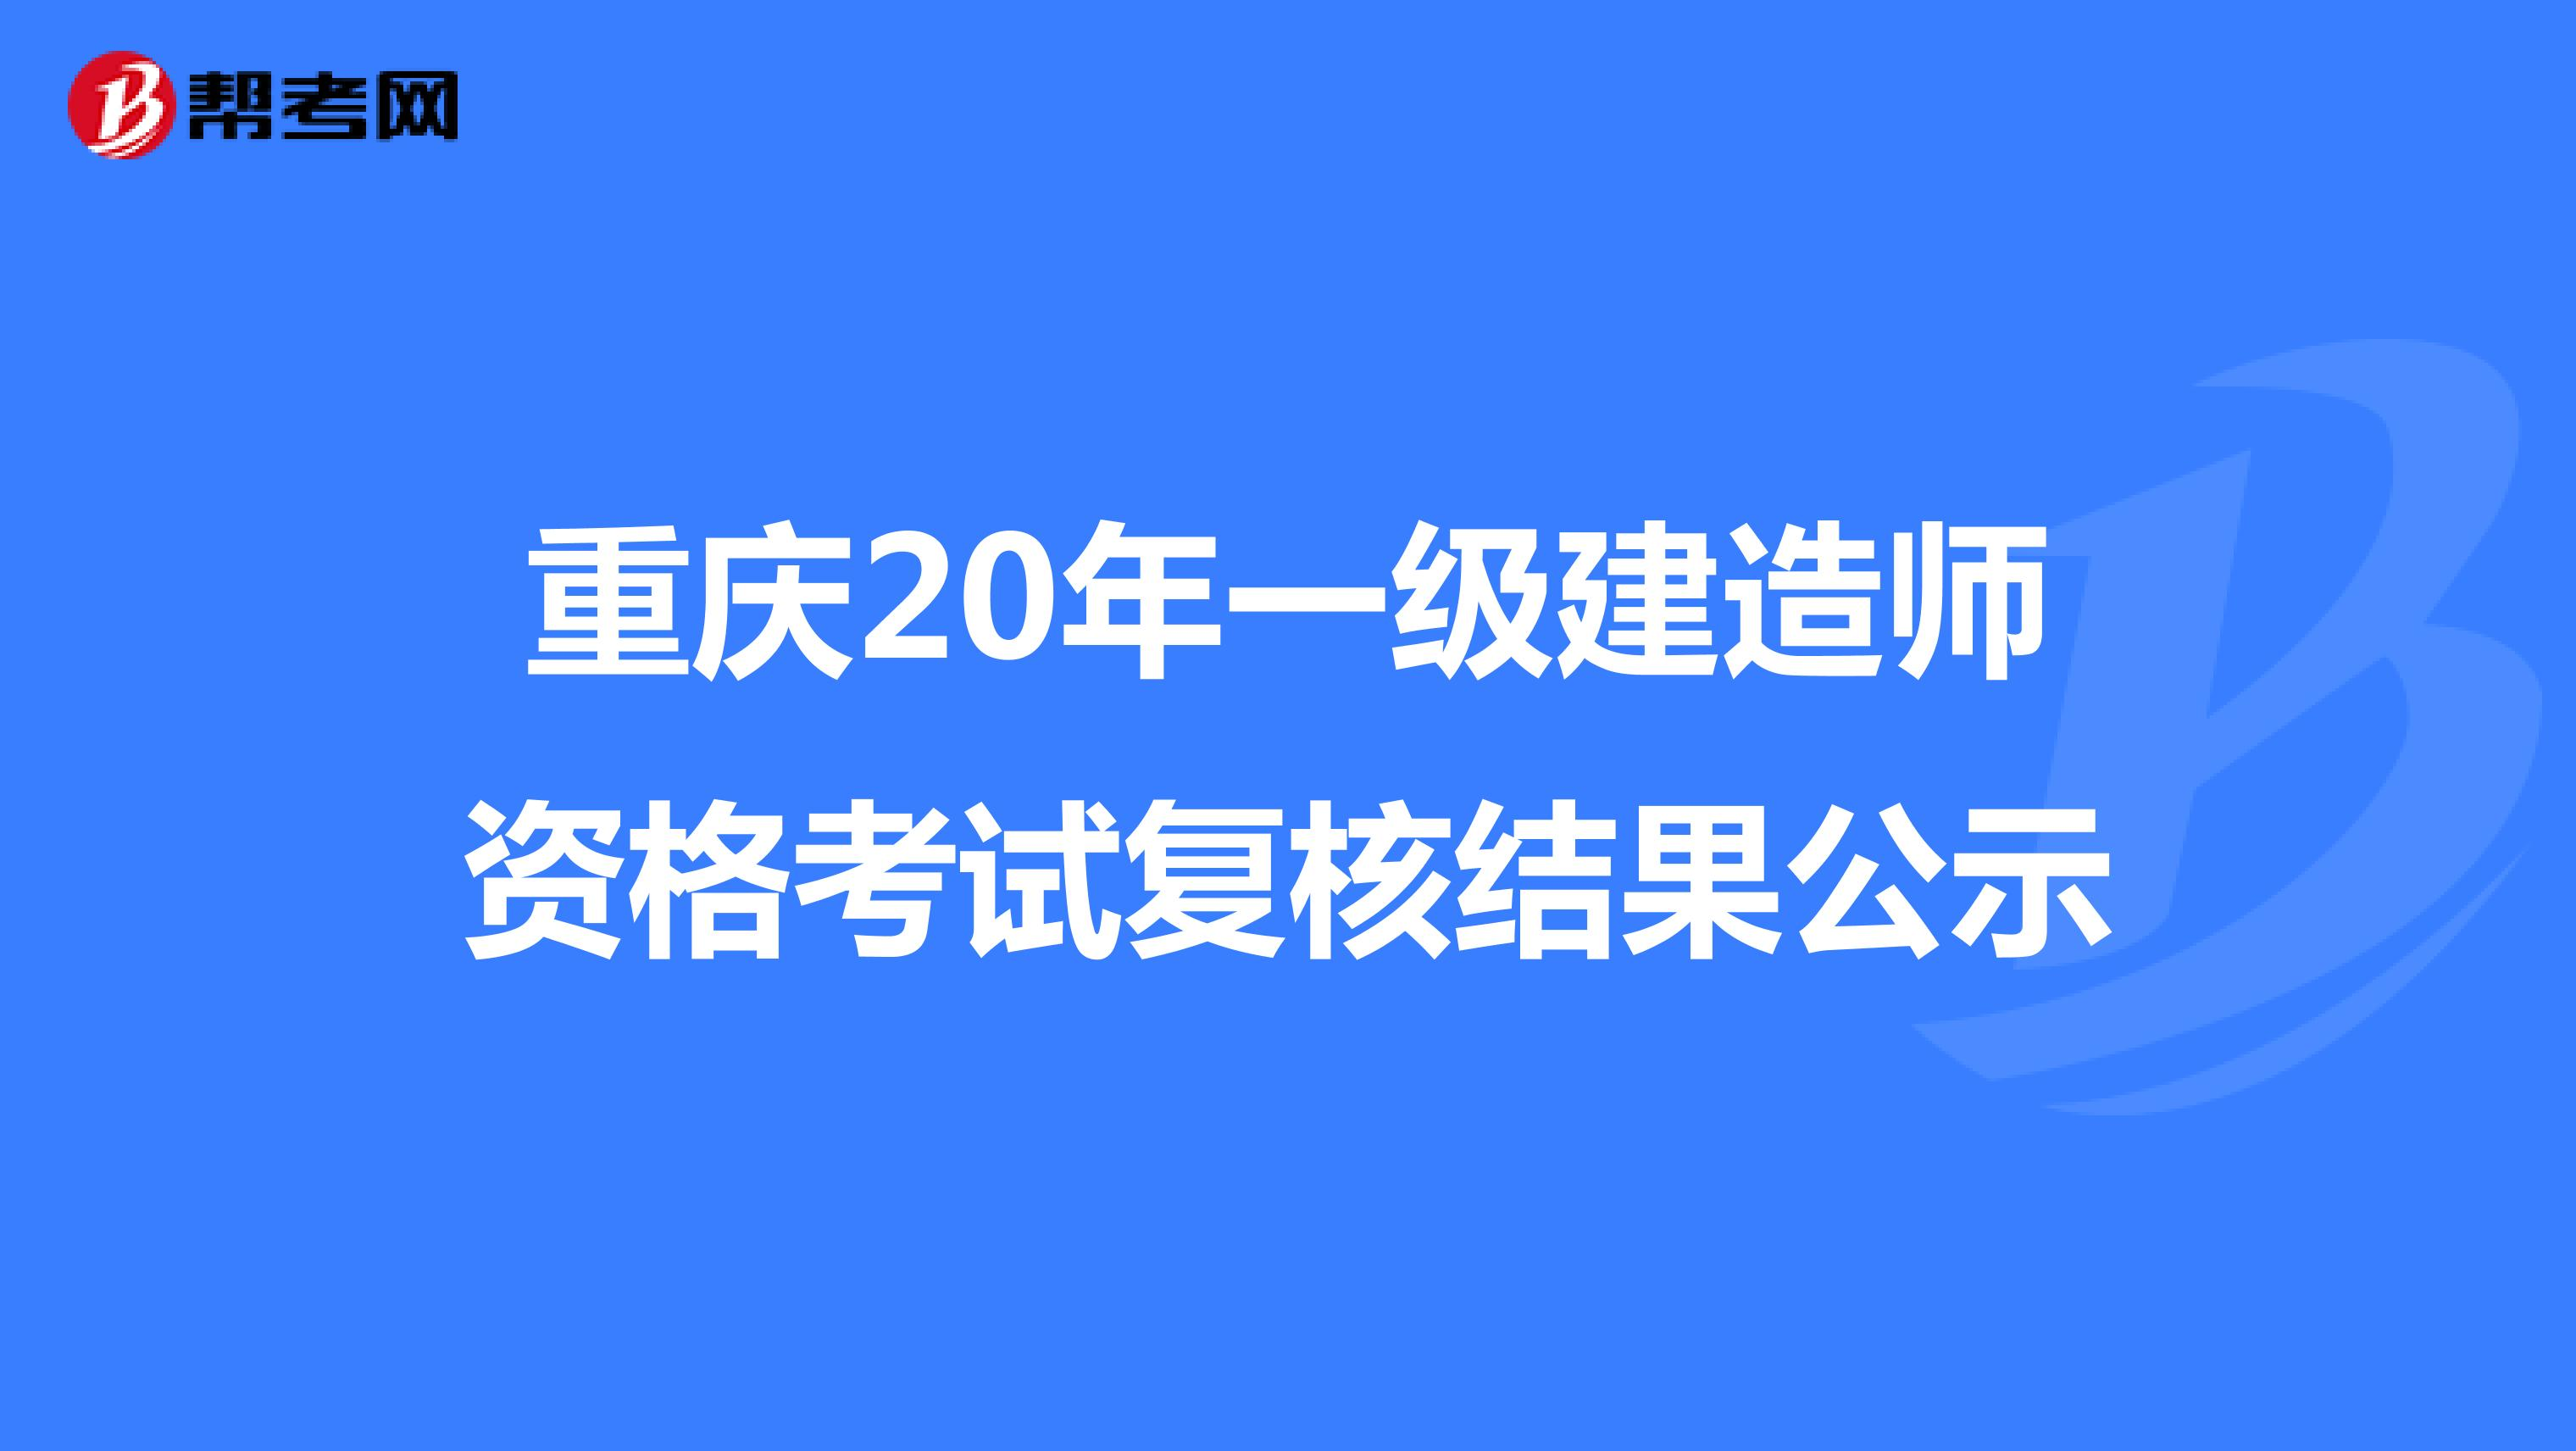 重庆20年一级建造师资格考试复核结果公示